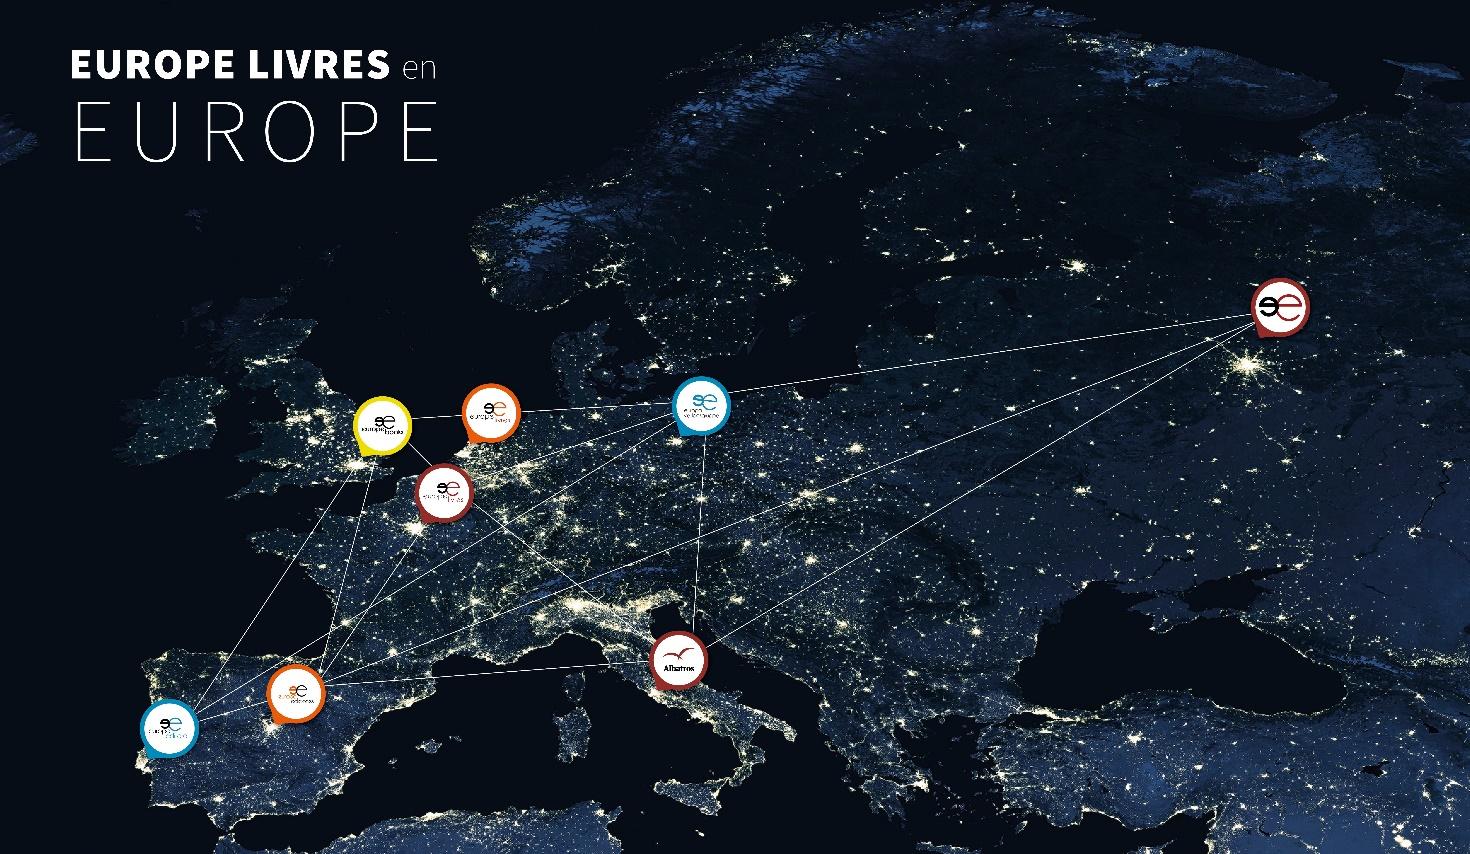 Europe Livres : tout savoir sur cette prestigieuse maison d'édition